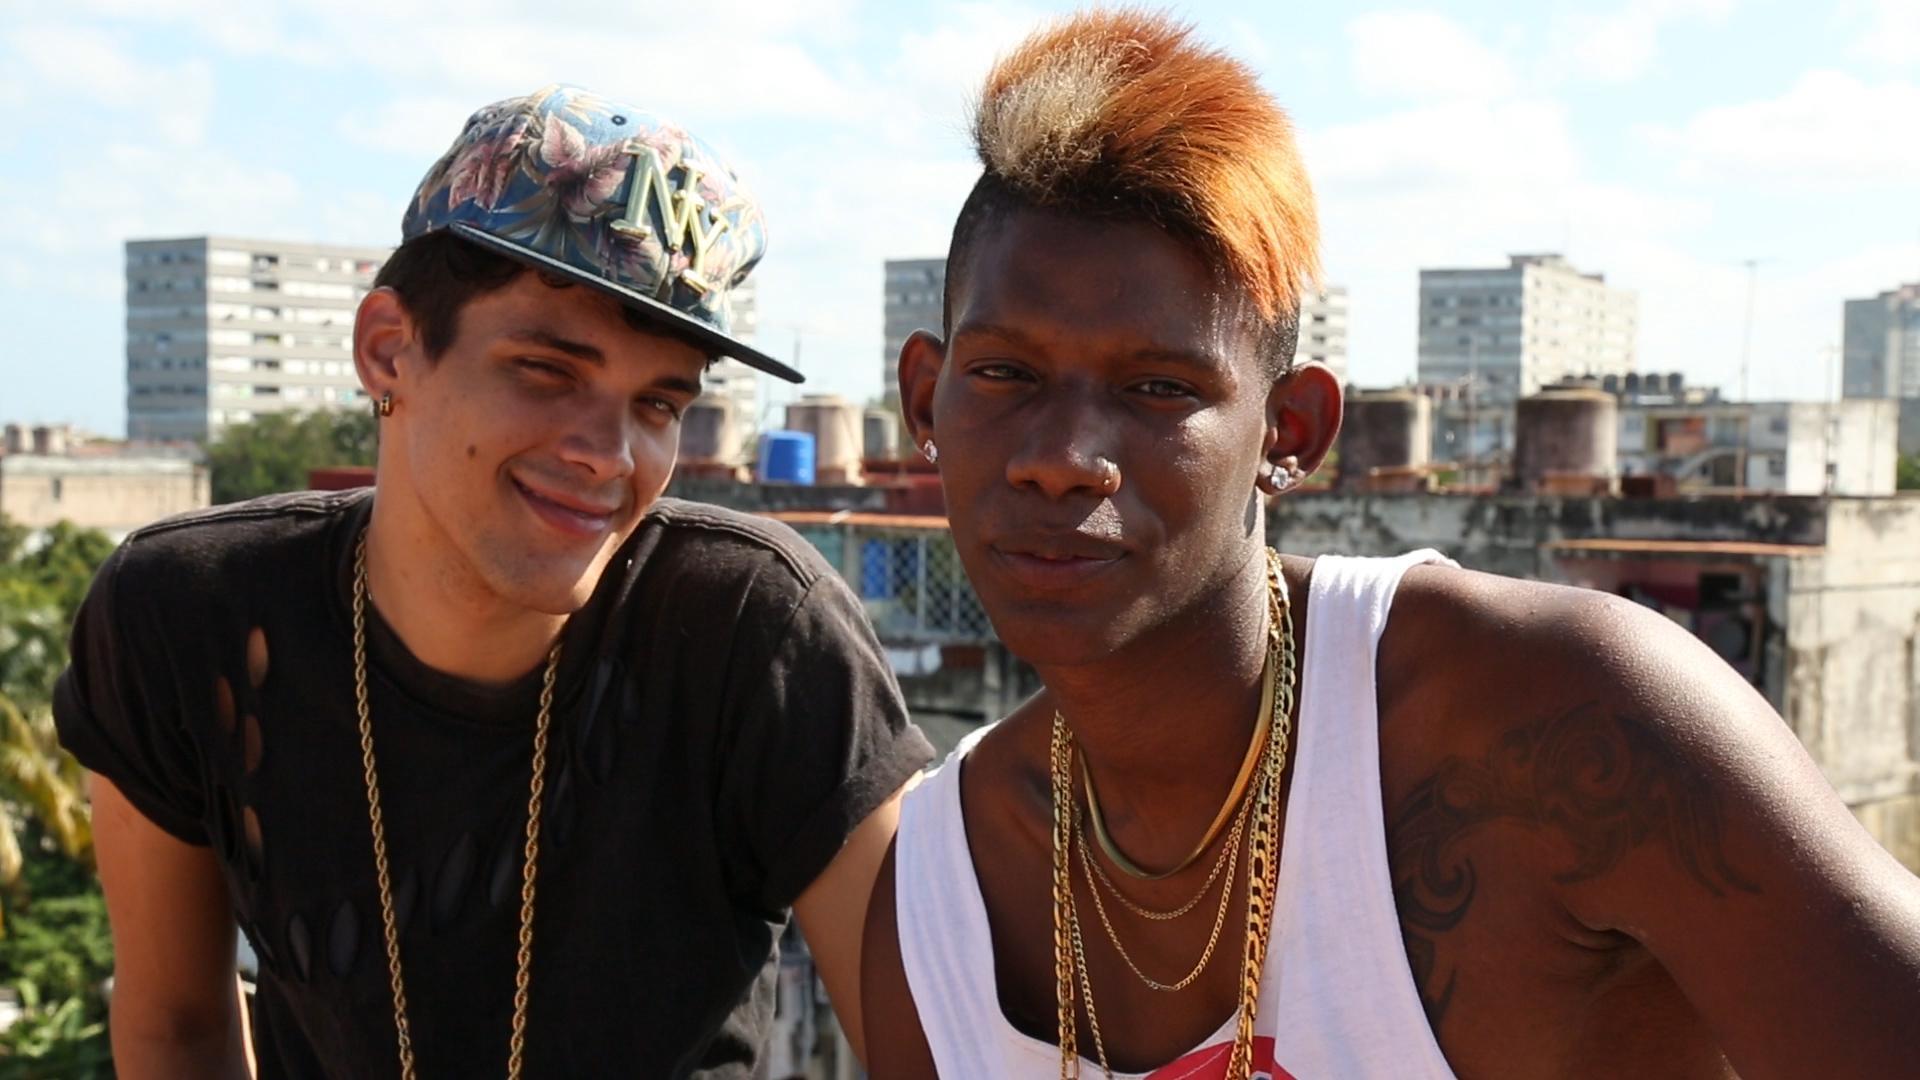 Cuba's reggaeton craze